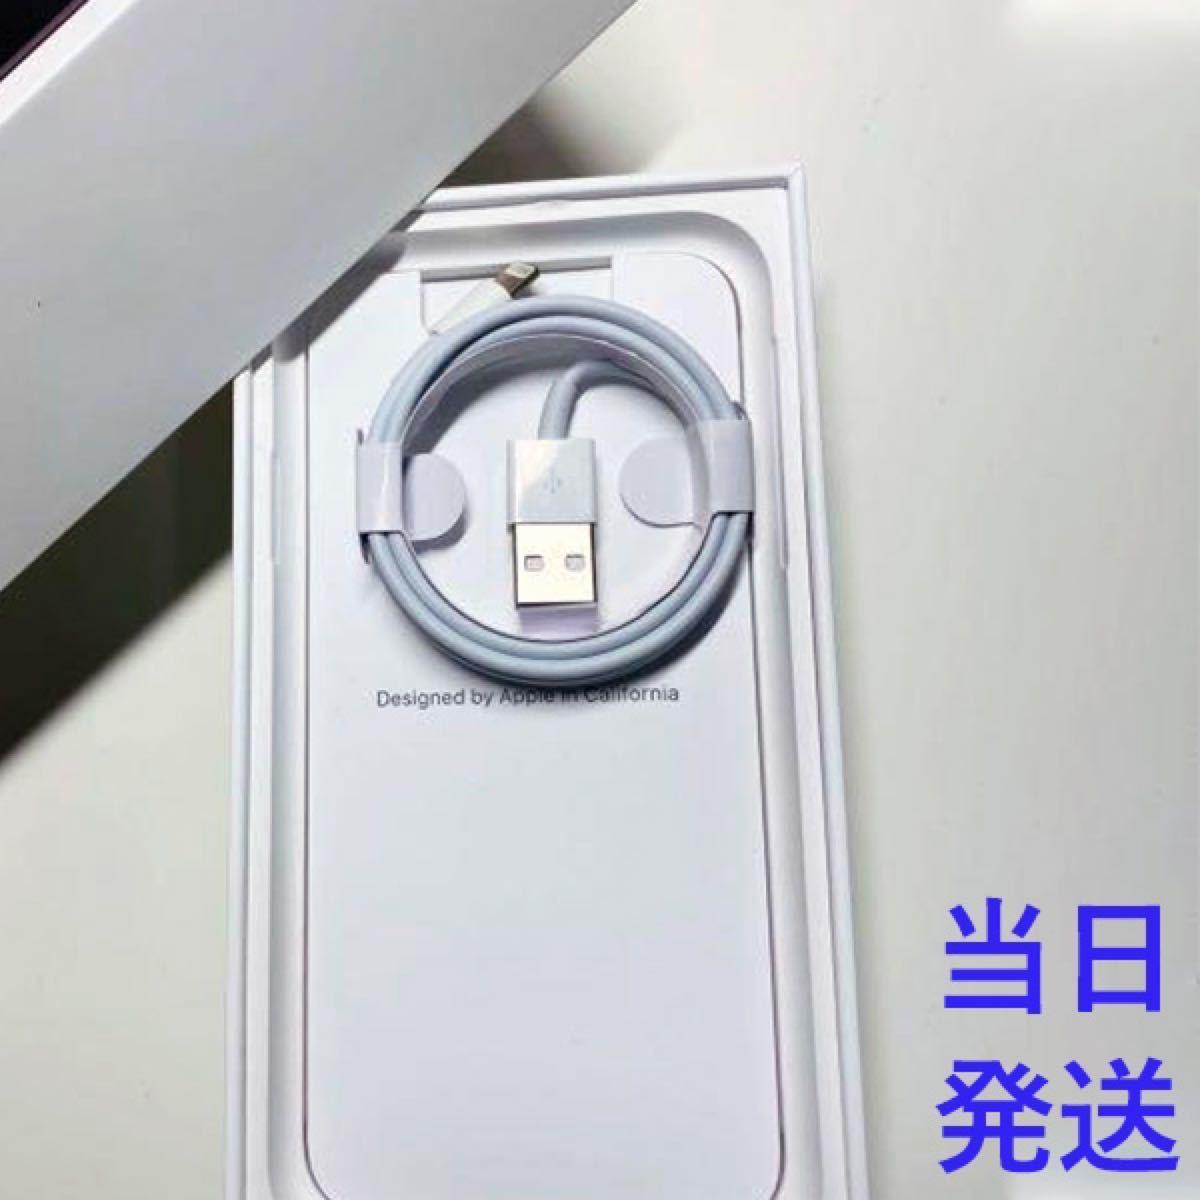 iPhone 充電器 ライトニングケーブル 1m apple 純正品質